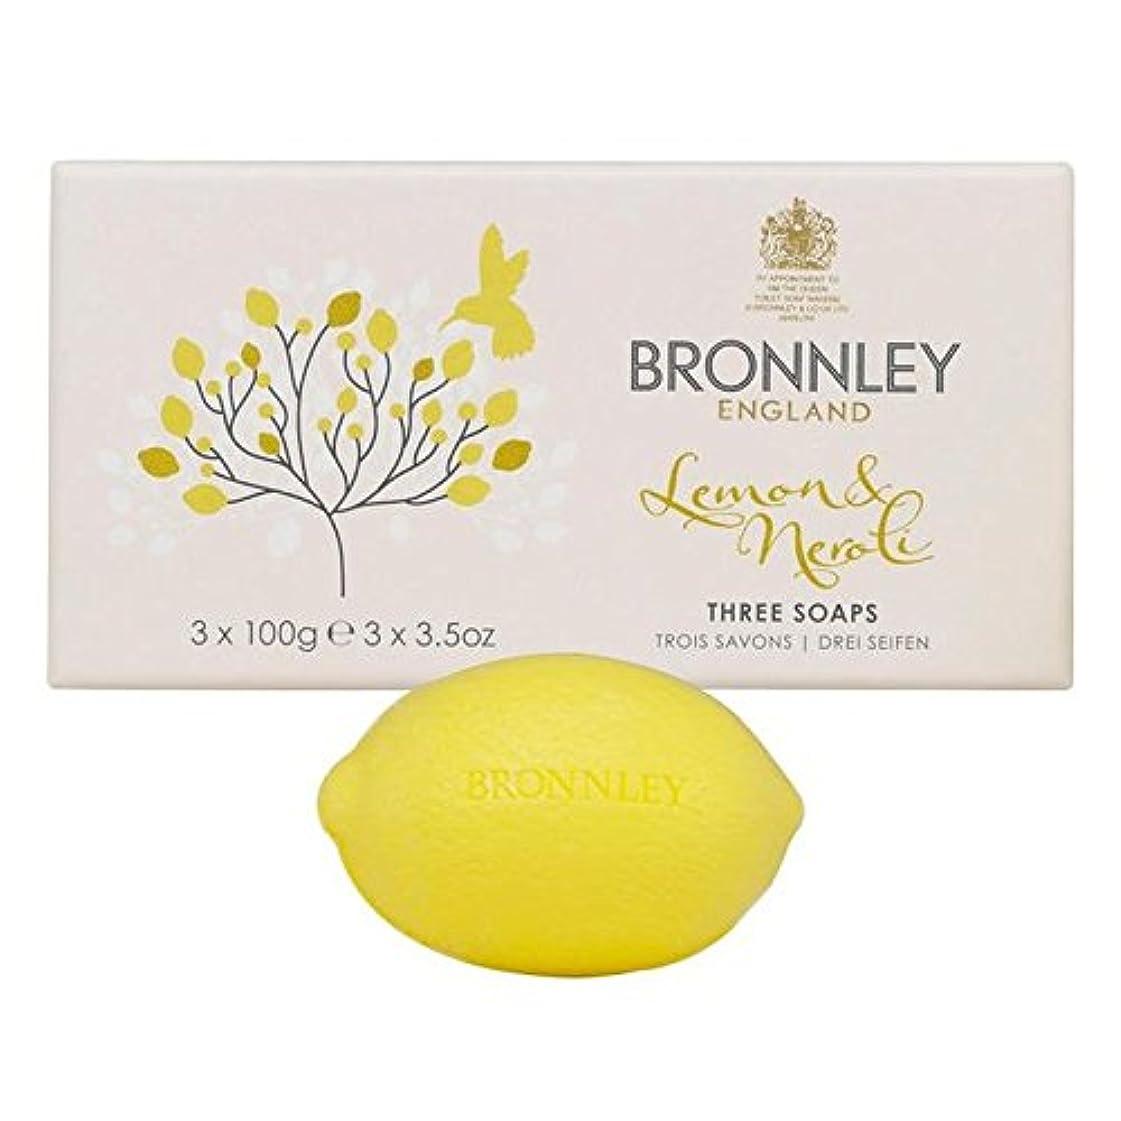 恐怖症と闘うコショウレモン&ネロリ石鹸3×100グラム x4 - Bronnley Lemon & Neroli Soaps 3 x 100g (Pack of 4) [並行輸入品]